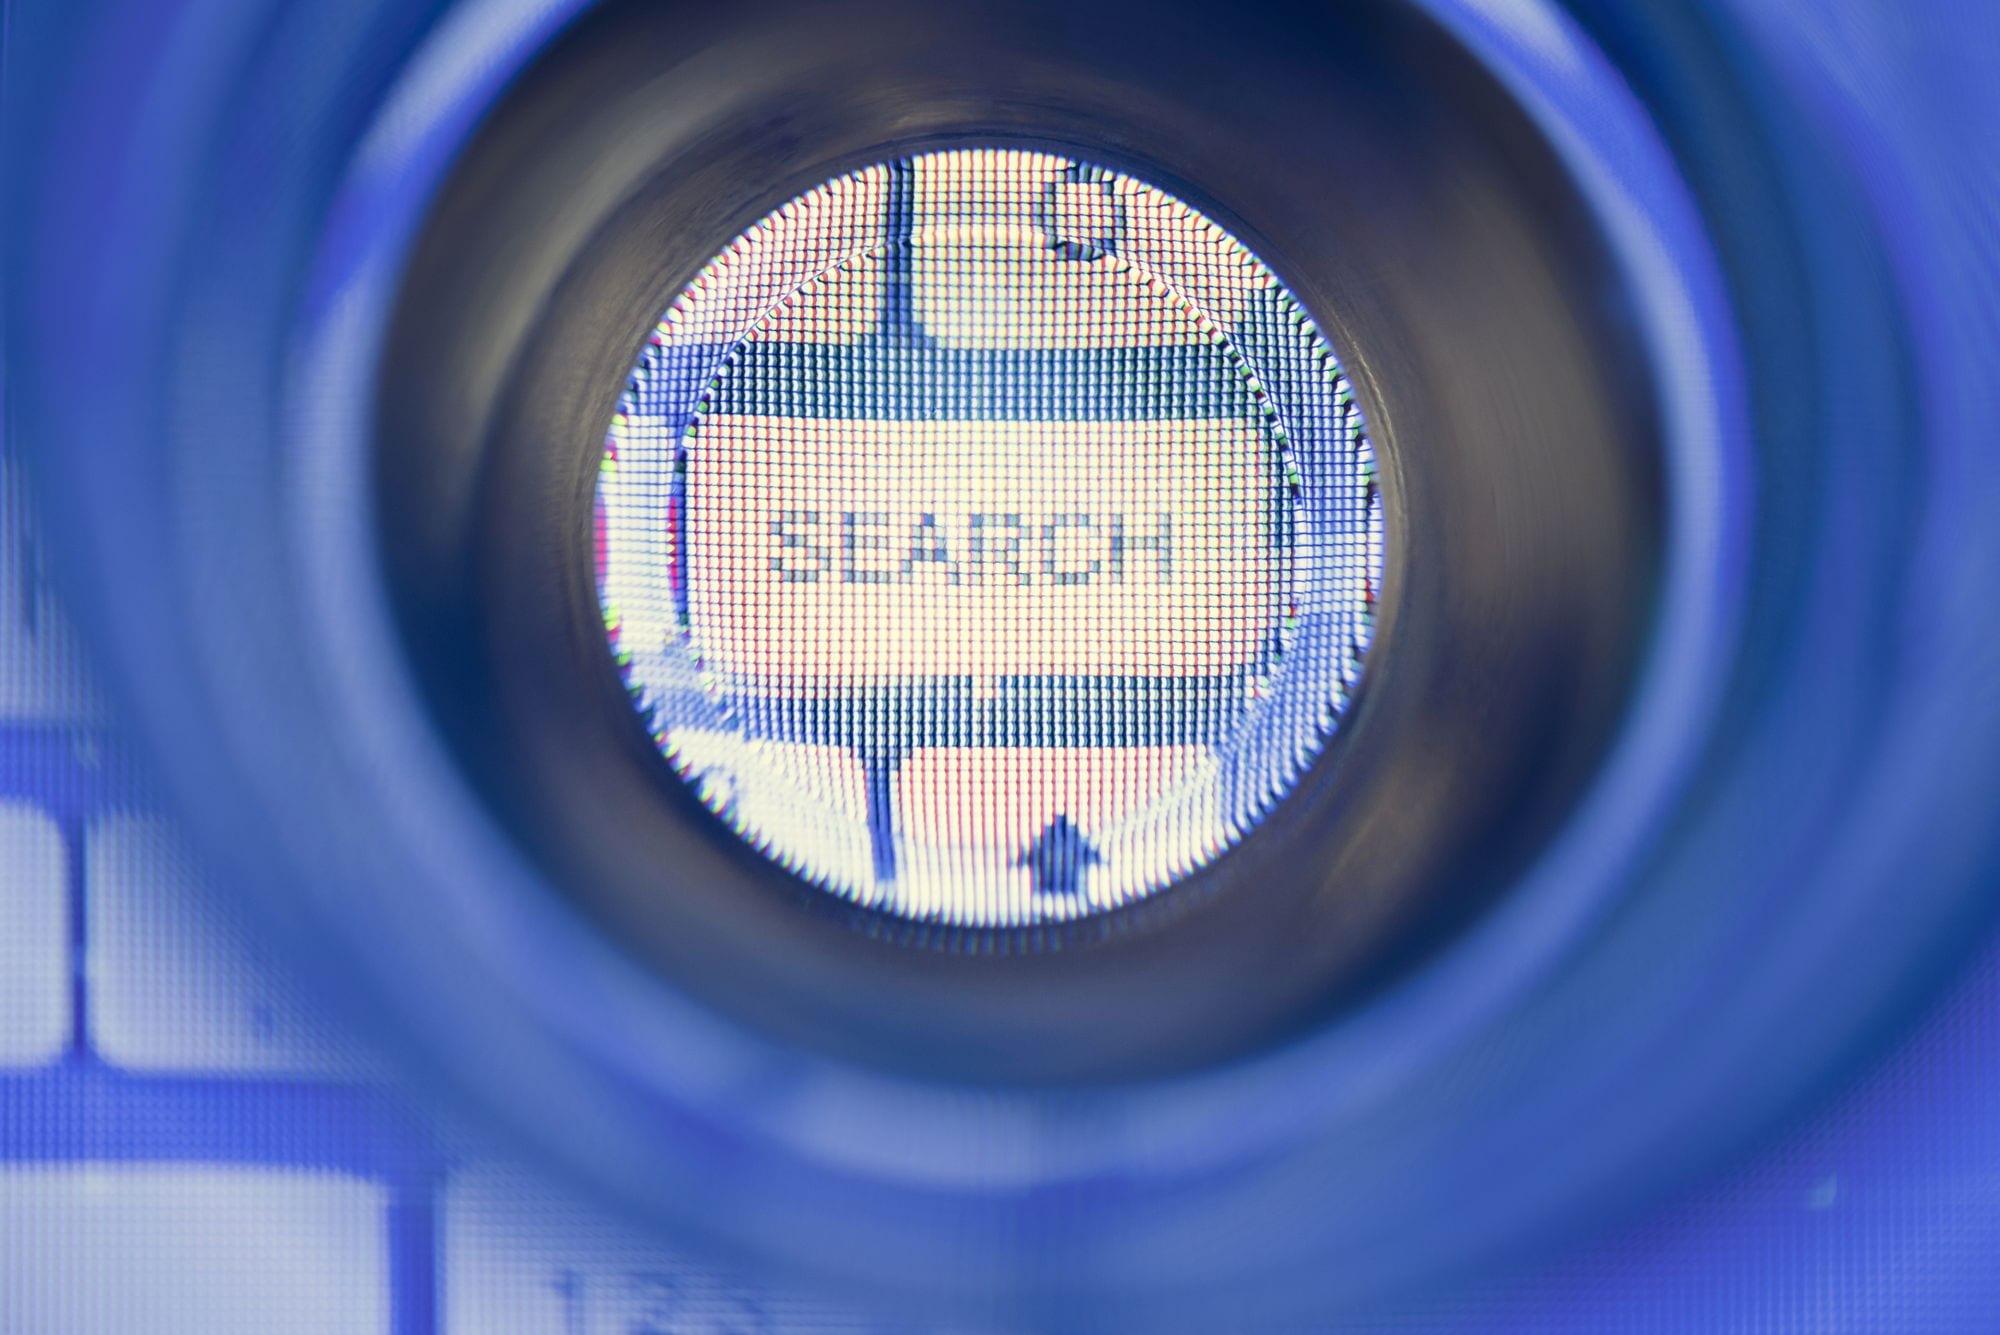 Comandos y operadores de búsqueda en Google